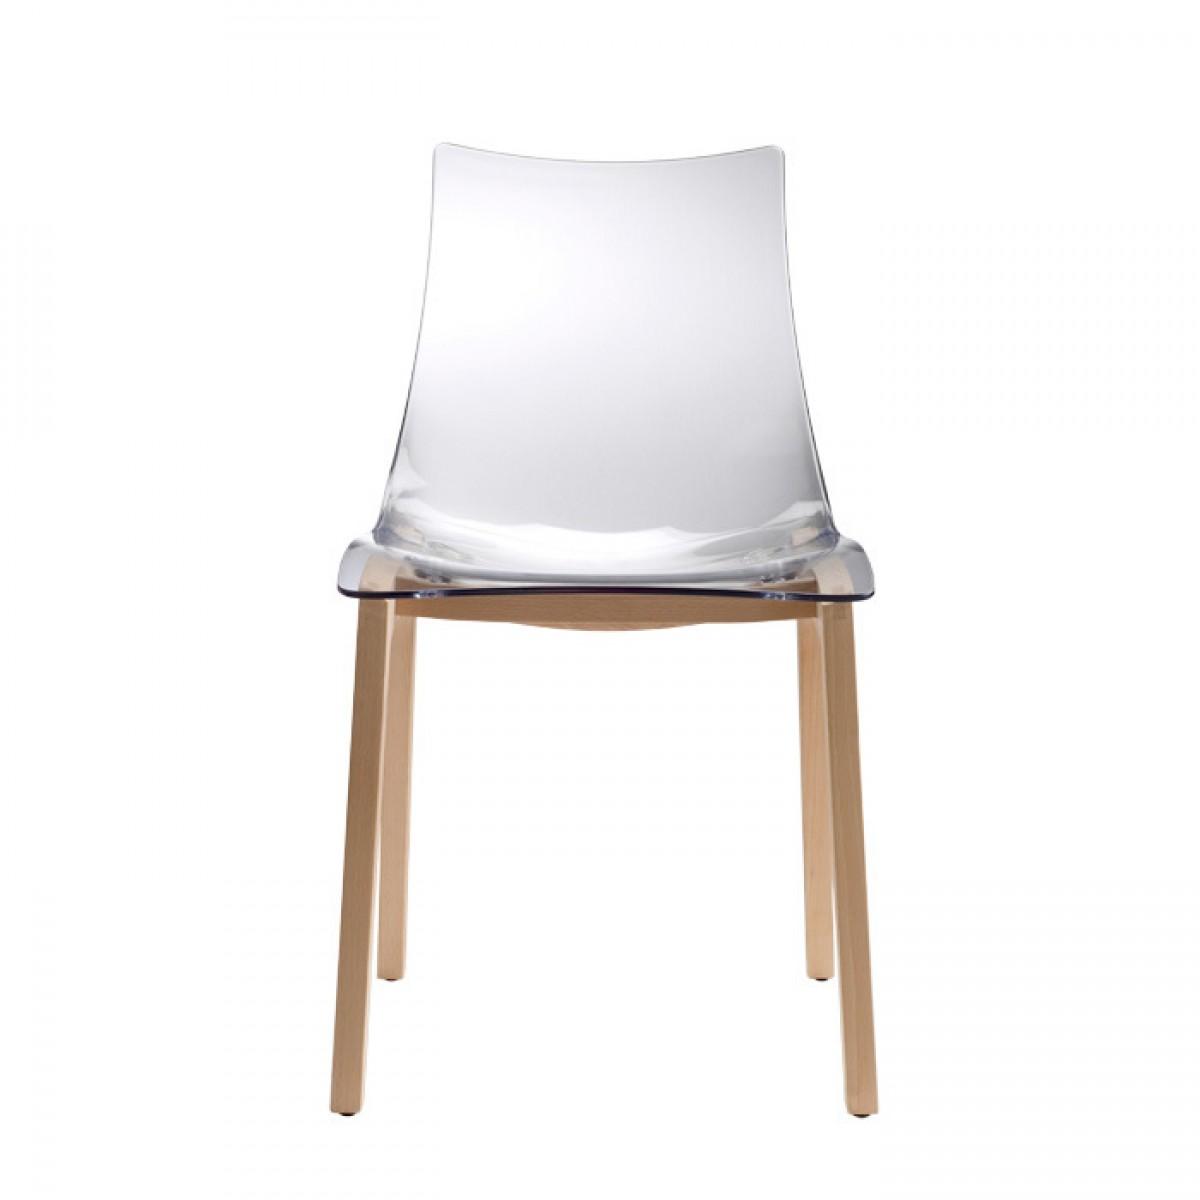 krzesło Natural Zebra Scab Design krzesło transparentne